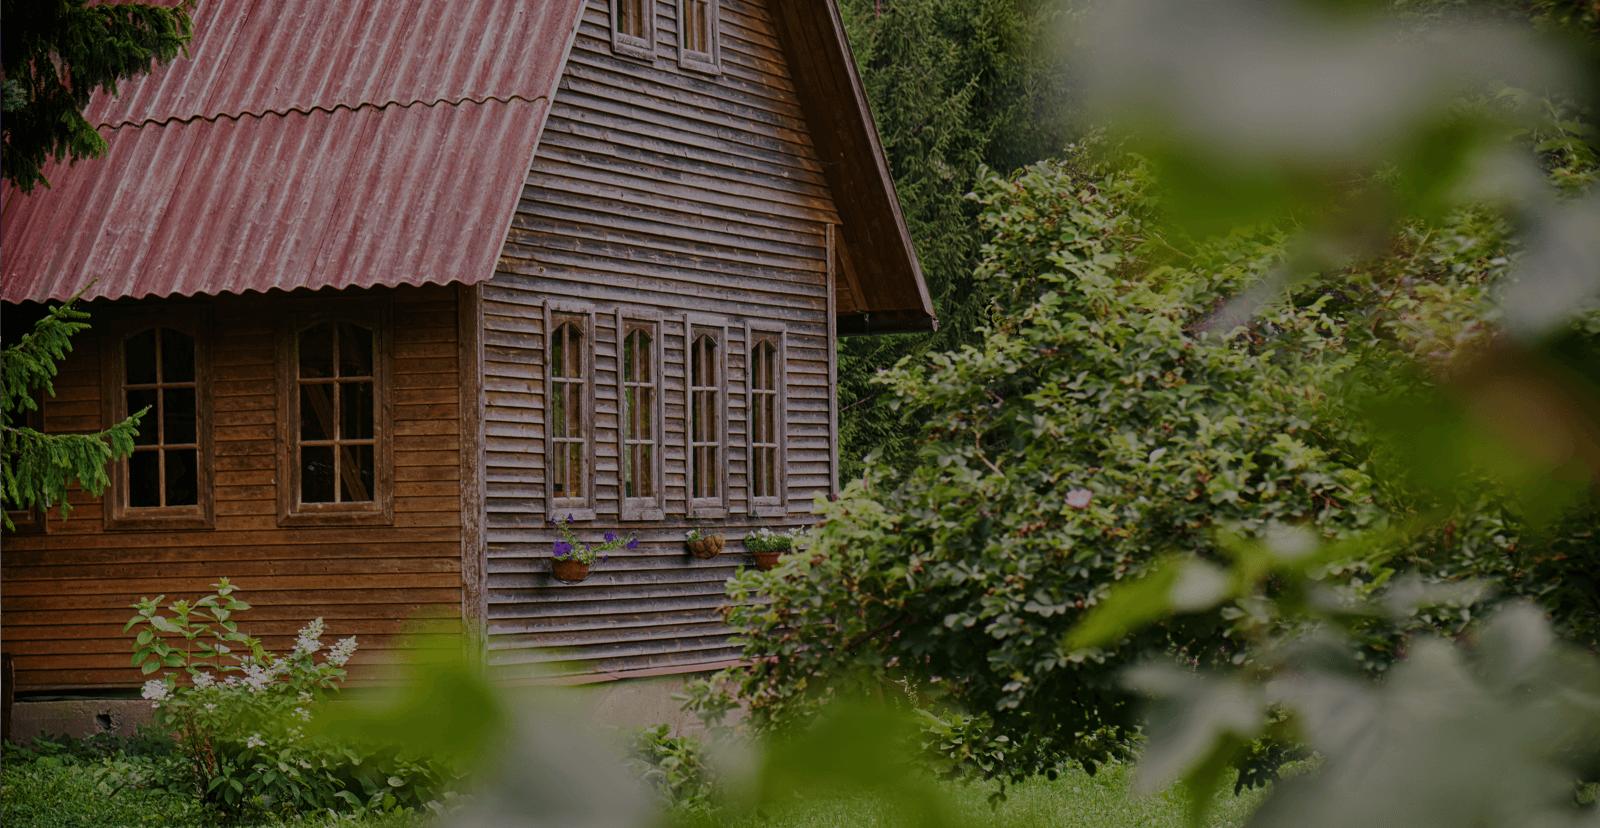 Через сервис JСat.ru вы можете размещать объявления о продаже недвижимости за городом на всех сайтах сразу!